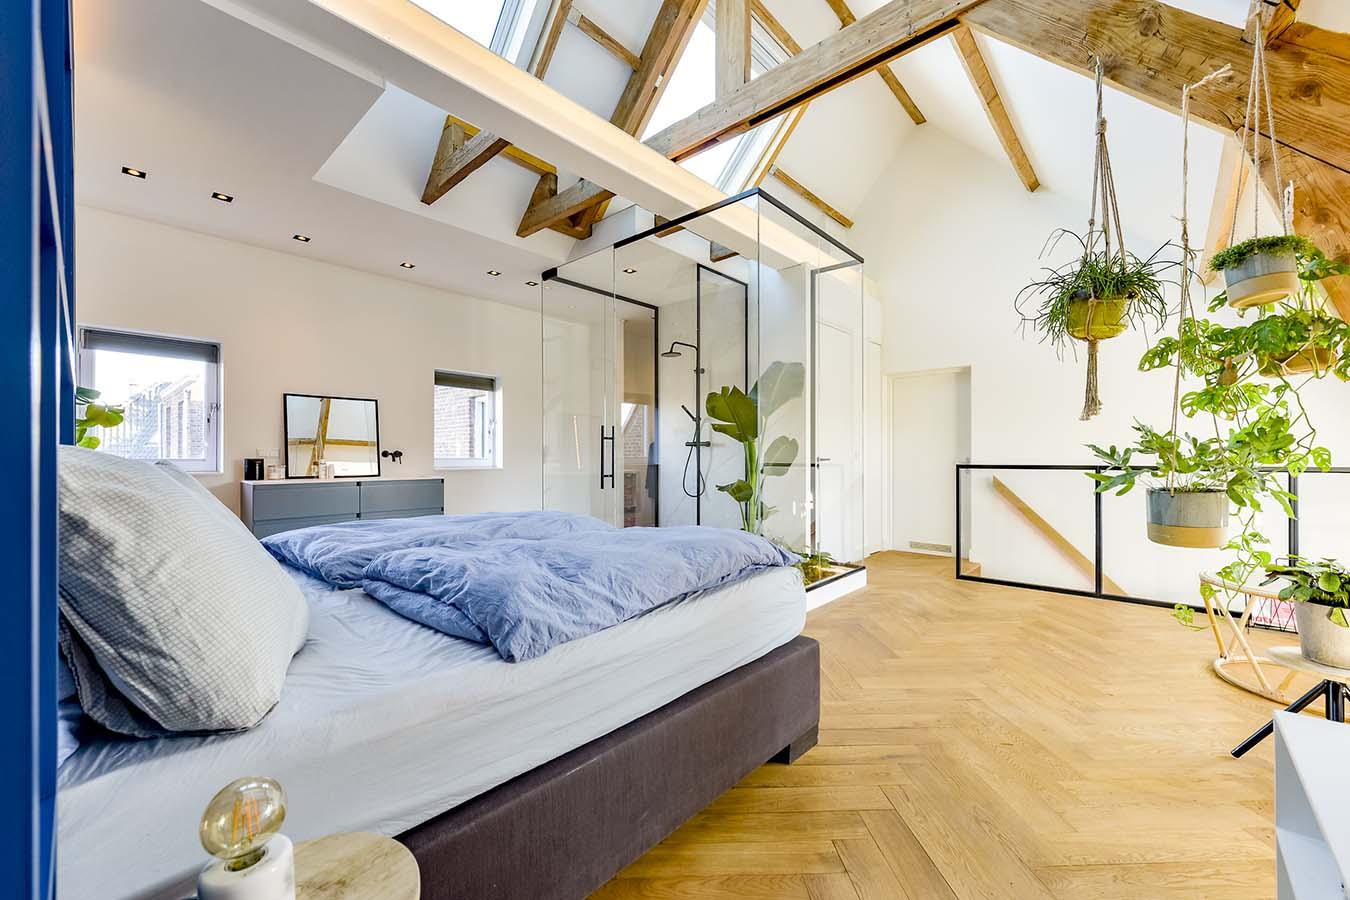 dakwoning met hoog plafond en houten balken